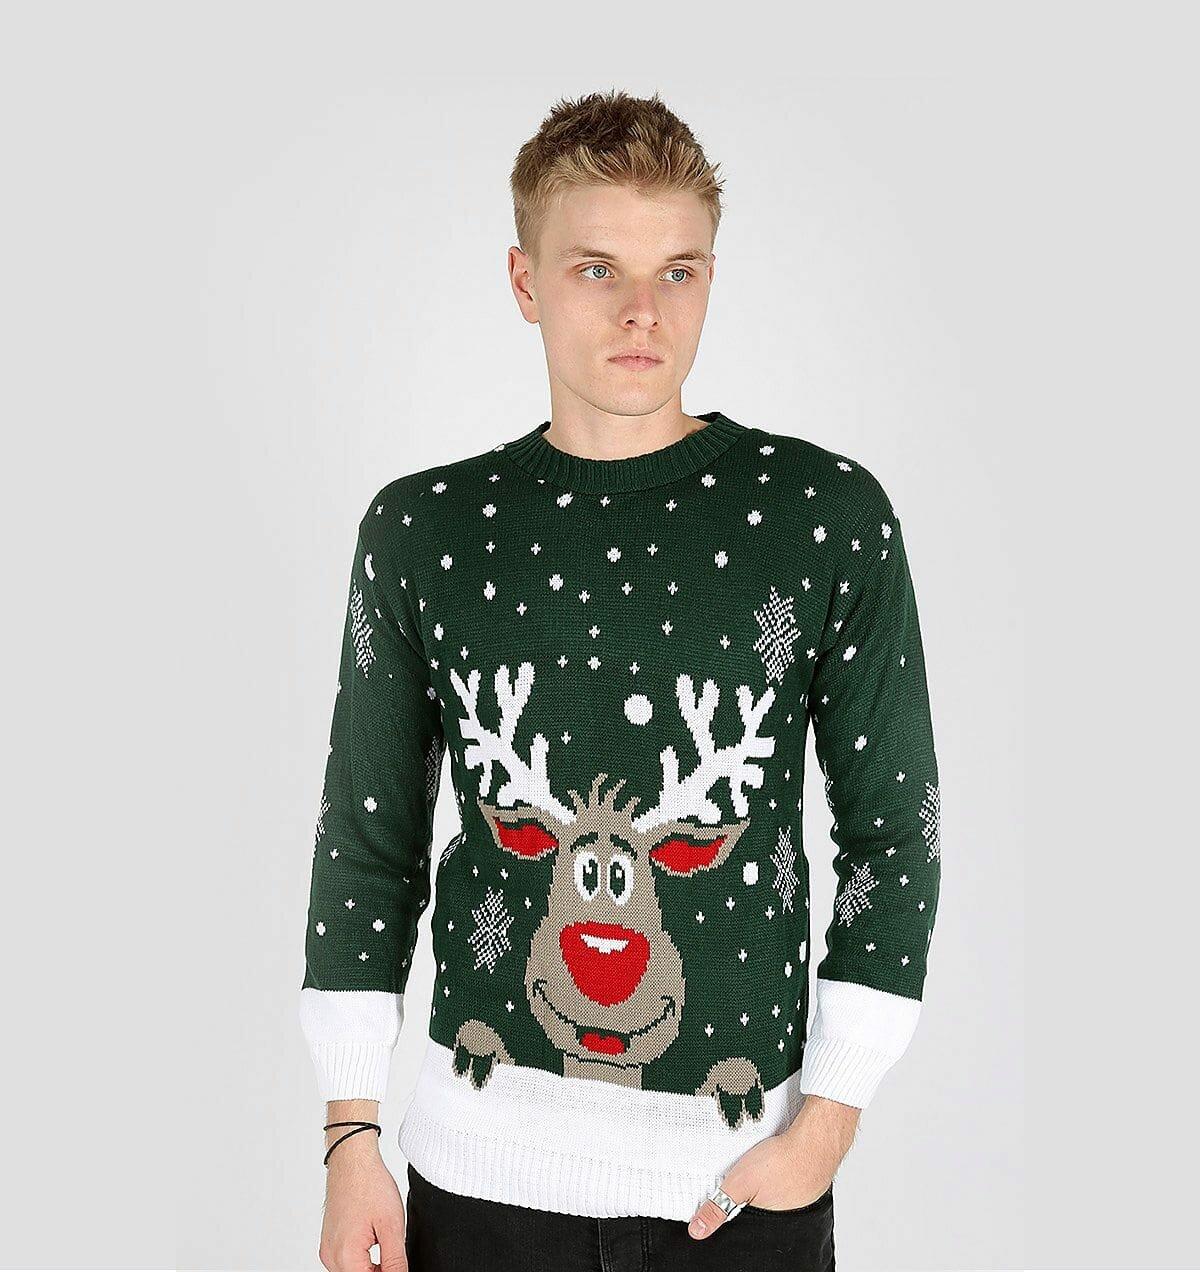 Смешные картинки на свитер